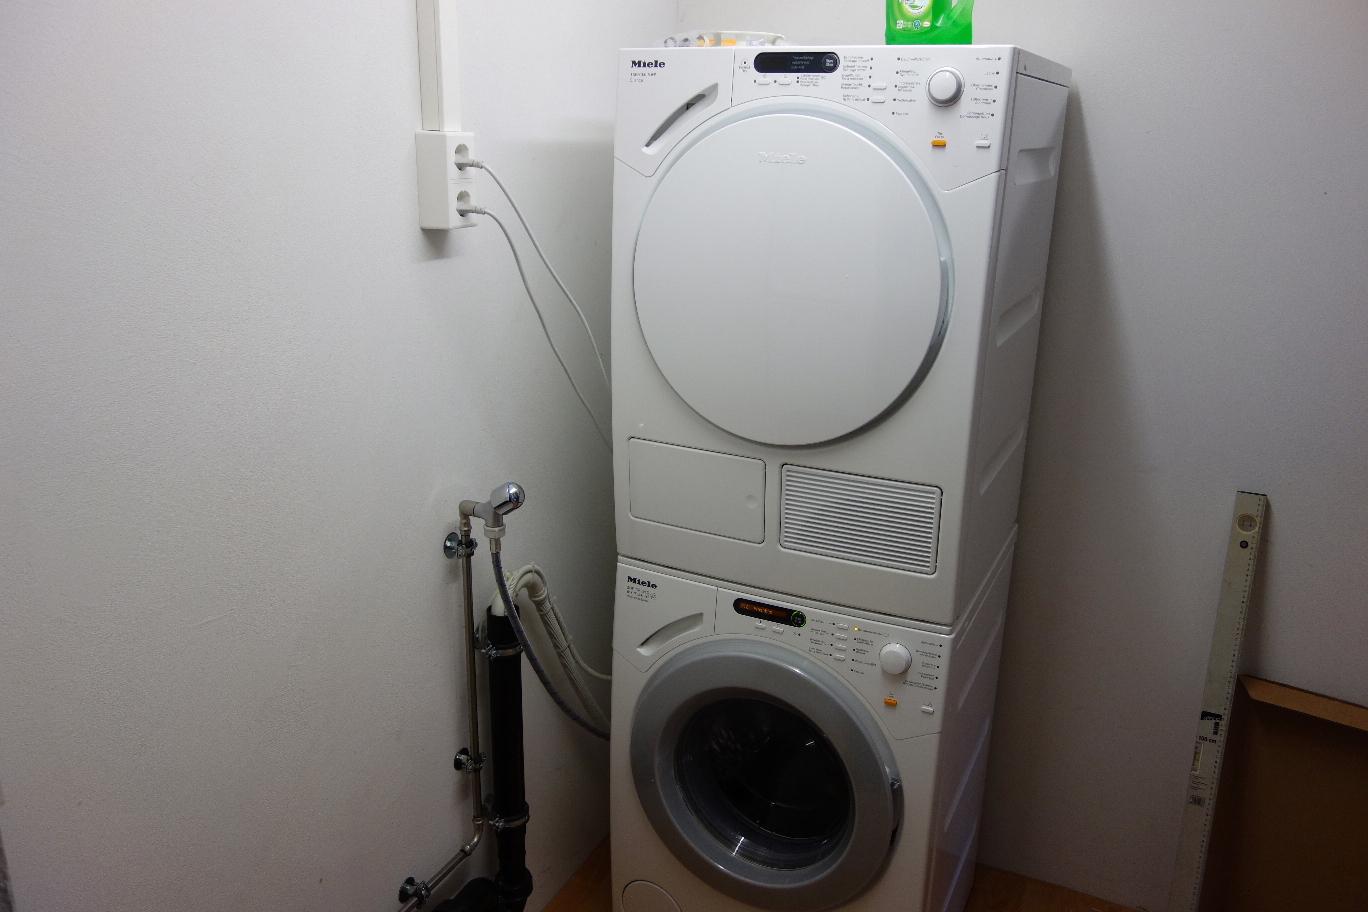 Extrem Waschmaschine und Wäschetrockner anschließen - Elektricks.com QT31